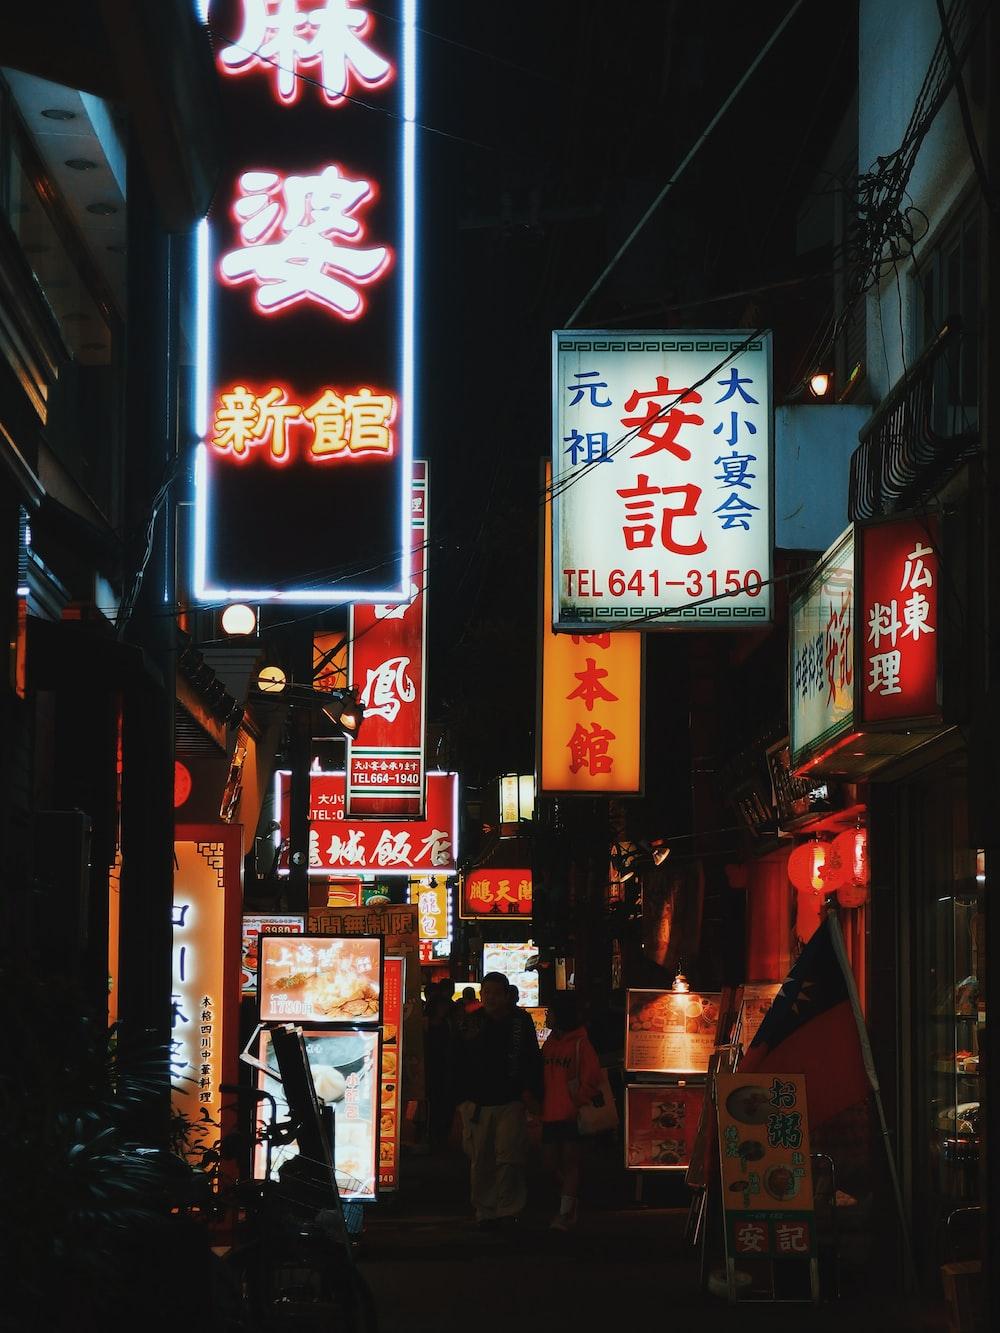 people walking along narrow road of China